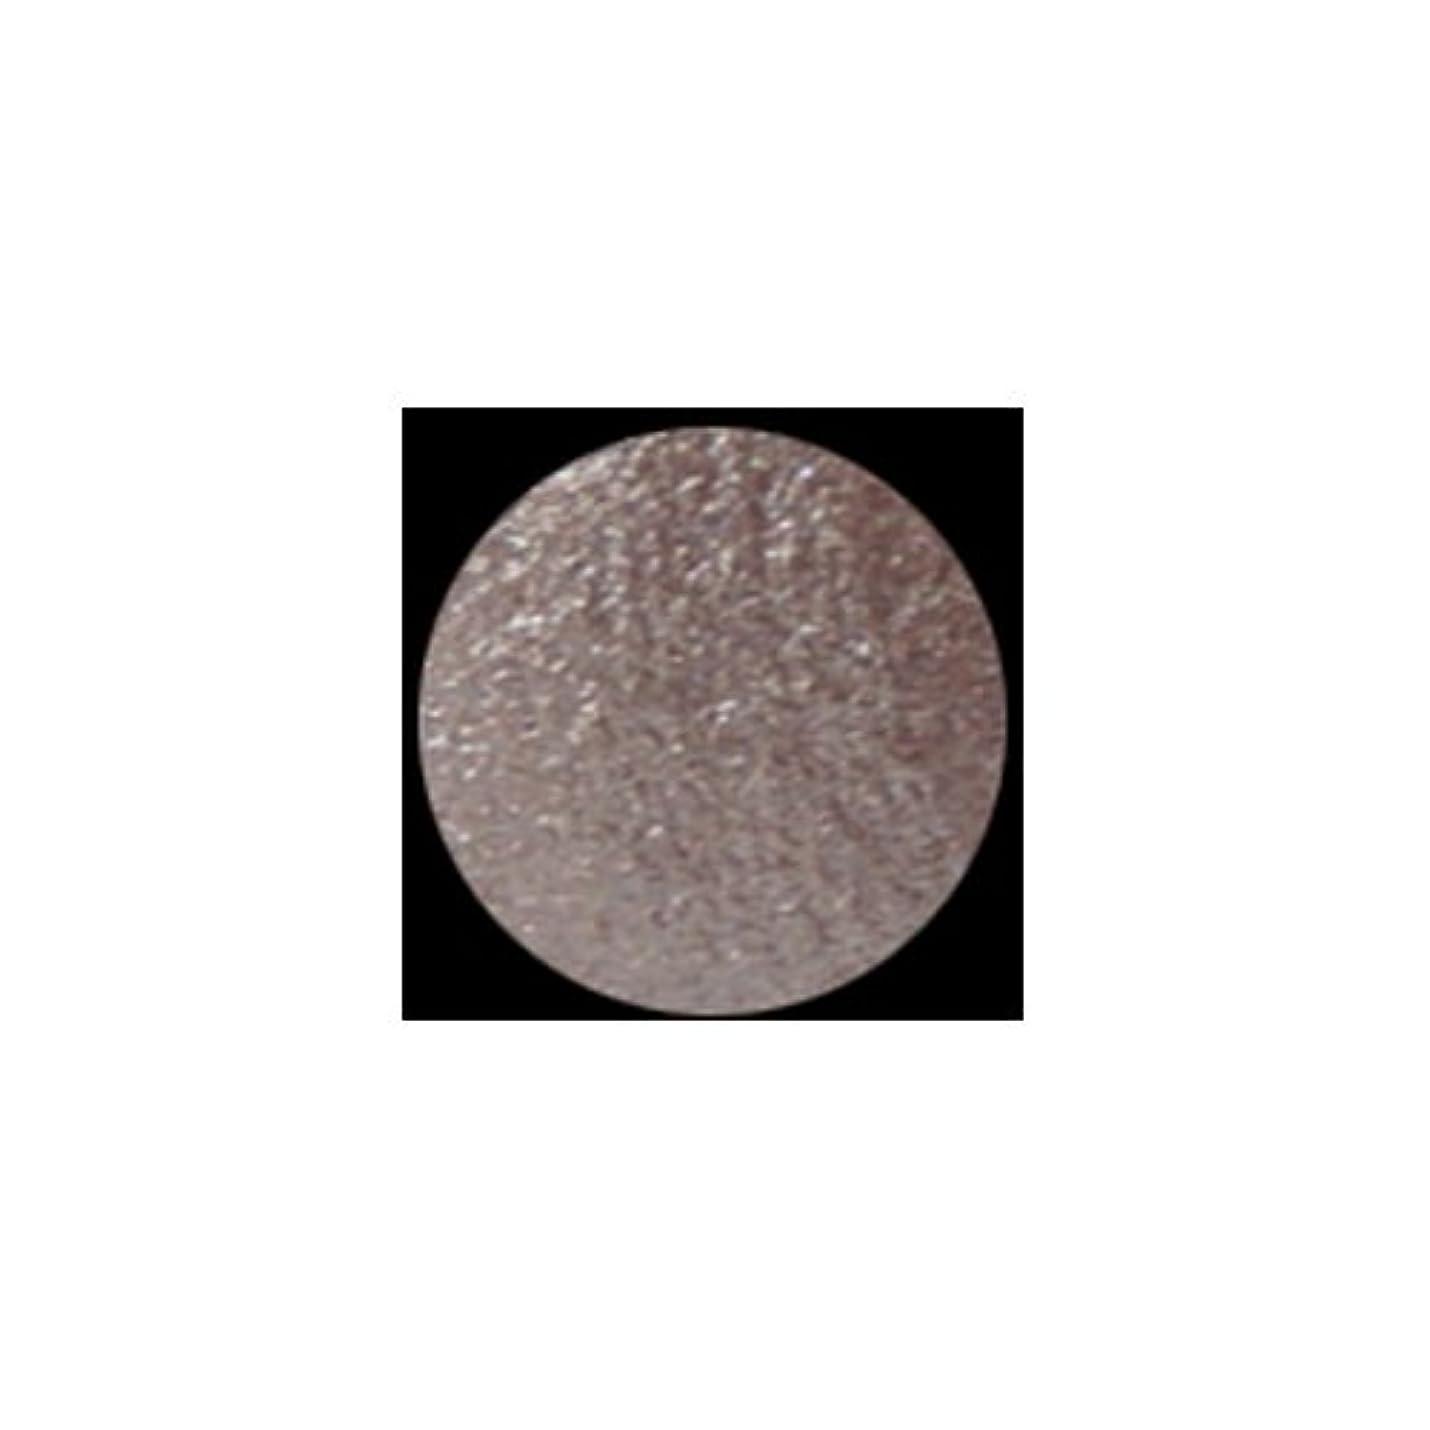 ハロウィンフェザーバリー(6 Pack) KLEANCOLOR American Eyedol (Wet/Dry Baked Eyeshadow) - Malt (並行輸入品)